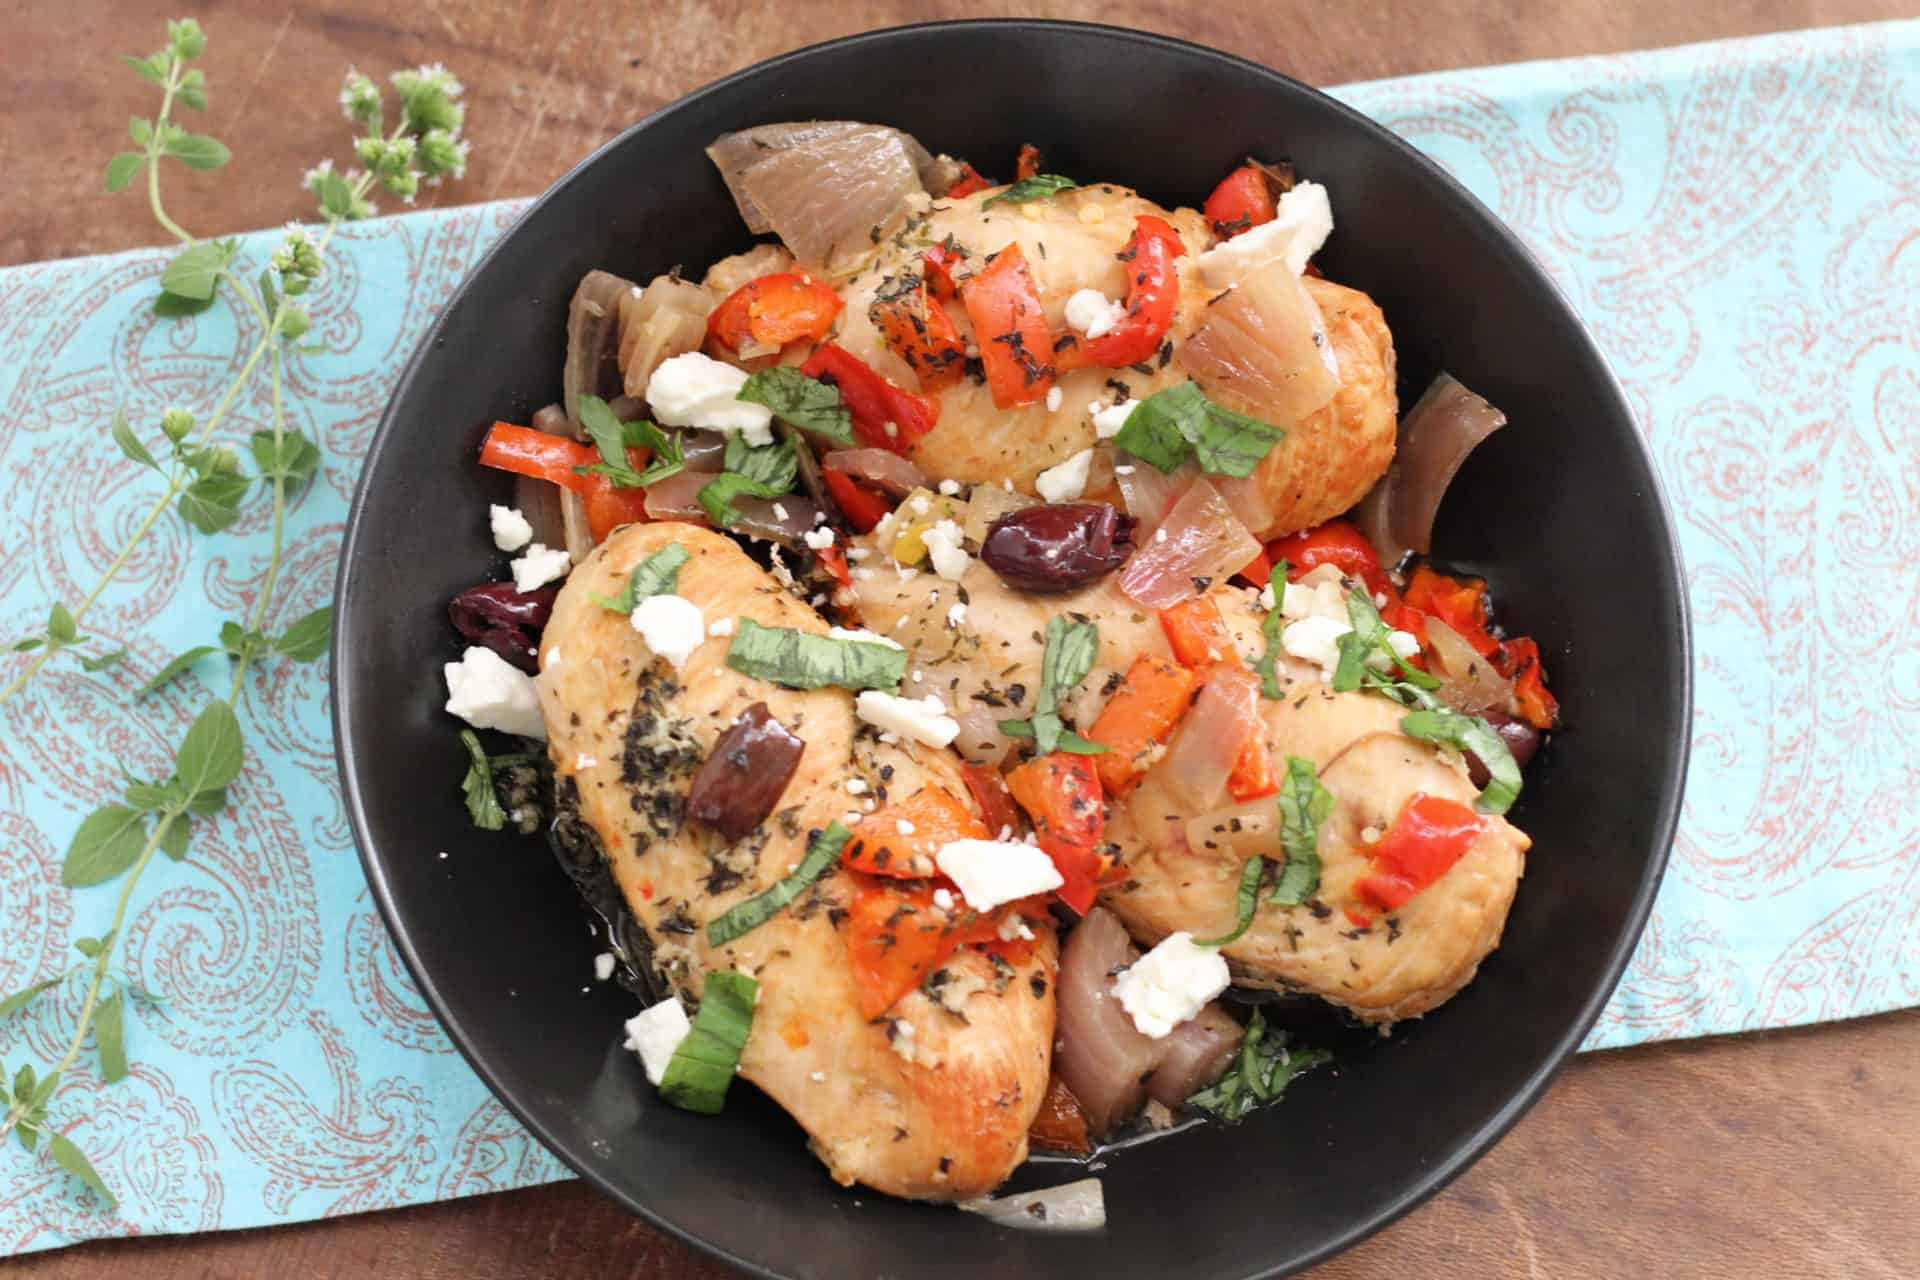 Dinner, Gluten Free, Quick & Easy, Greek, Mediterranean, Mediterranean diet, Chicken, Slow Cooker